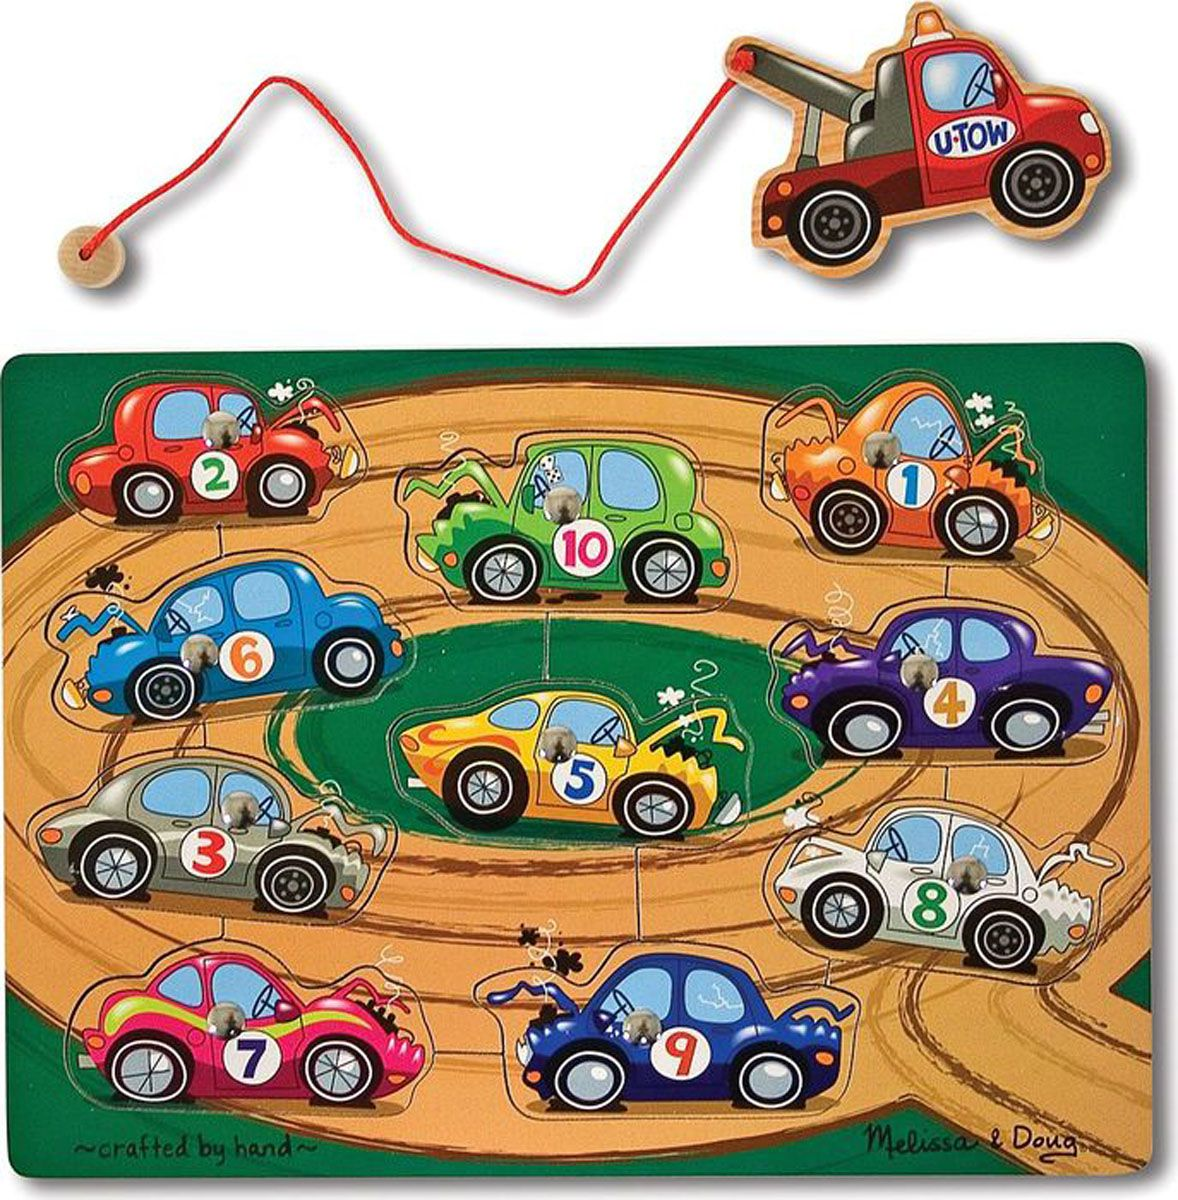 Melissa & Doug Обучающая игра Взять на буксир3777Вызовите буксир! С помощью грузовика берите на буксир десять пронумерованных автомобилей с игрового поля. А потом возвращайте каждый автомобиль на место! Развивает зрительно-двигательную координацию и моторные навыки. Размер в собранном виде: 2,5х23х30,5 см.